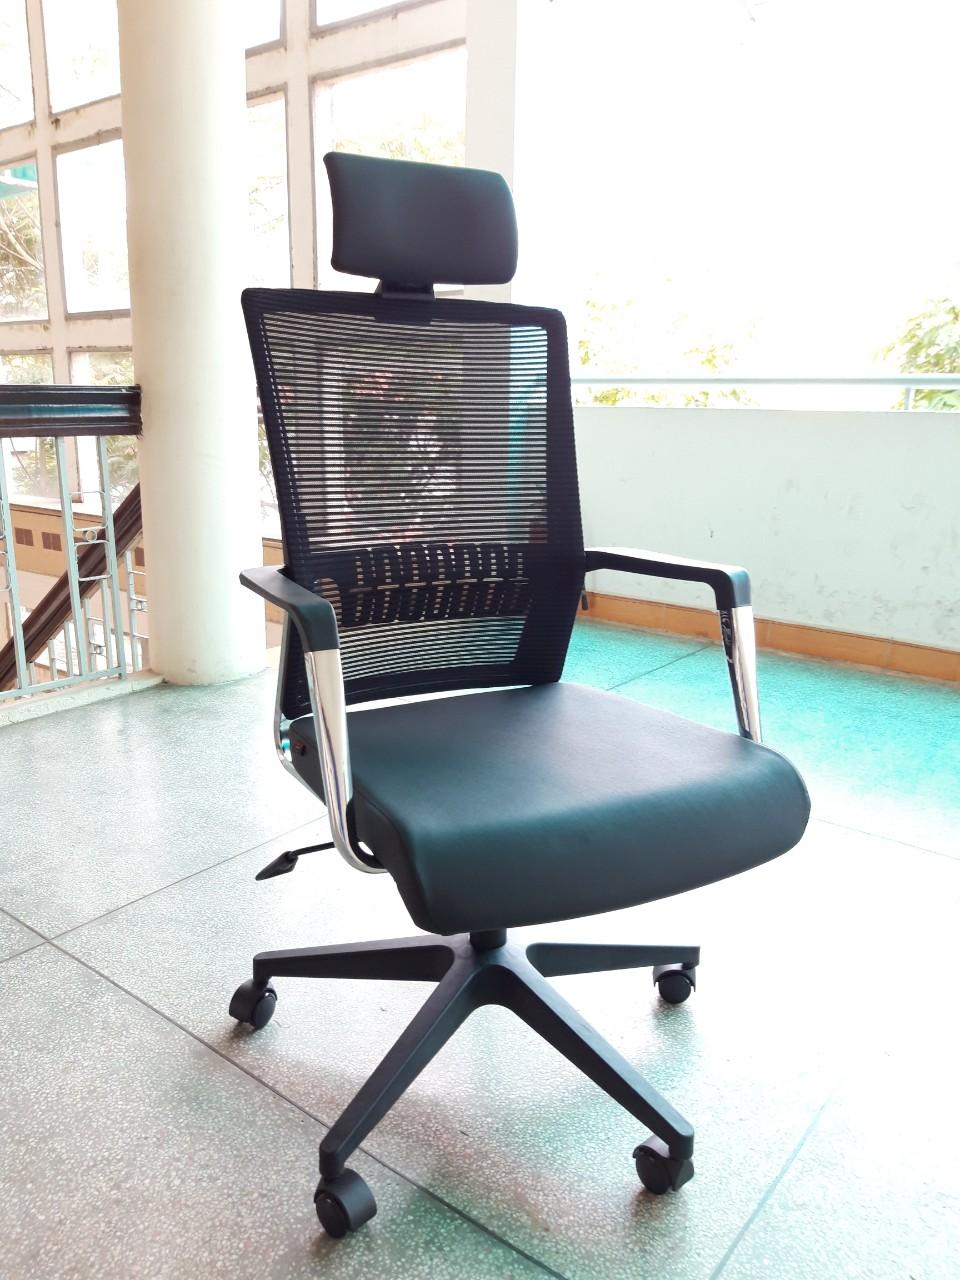 Ghế văn phòng lưới tg8213r